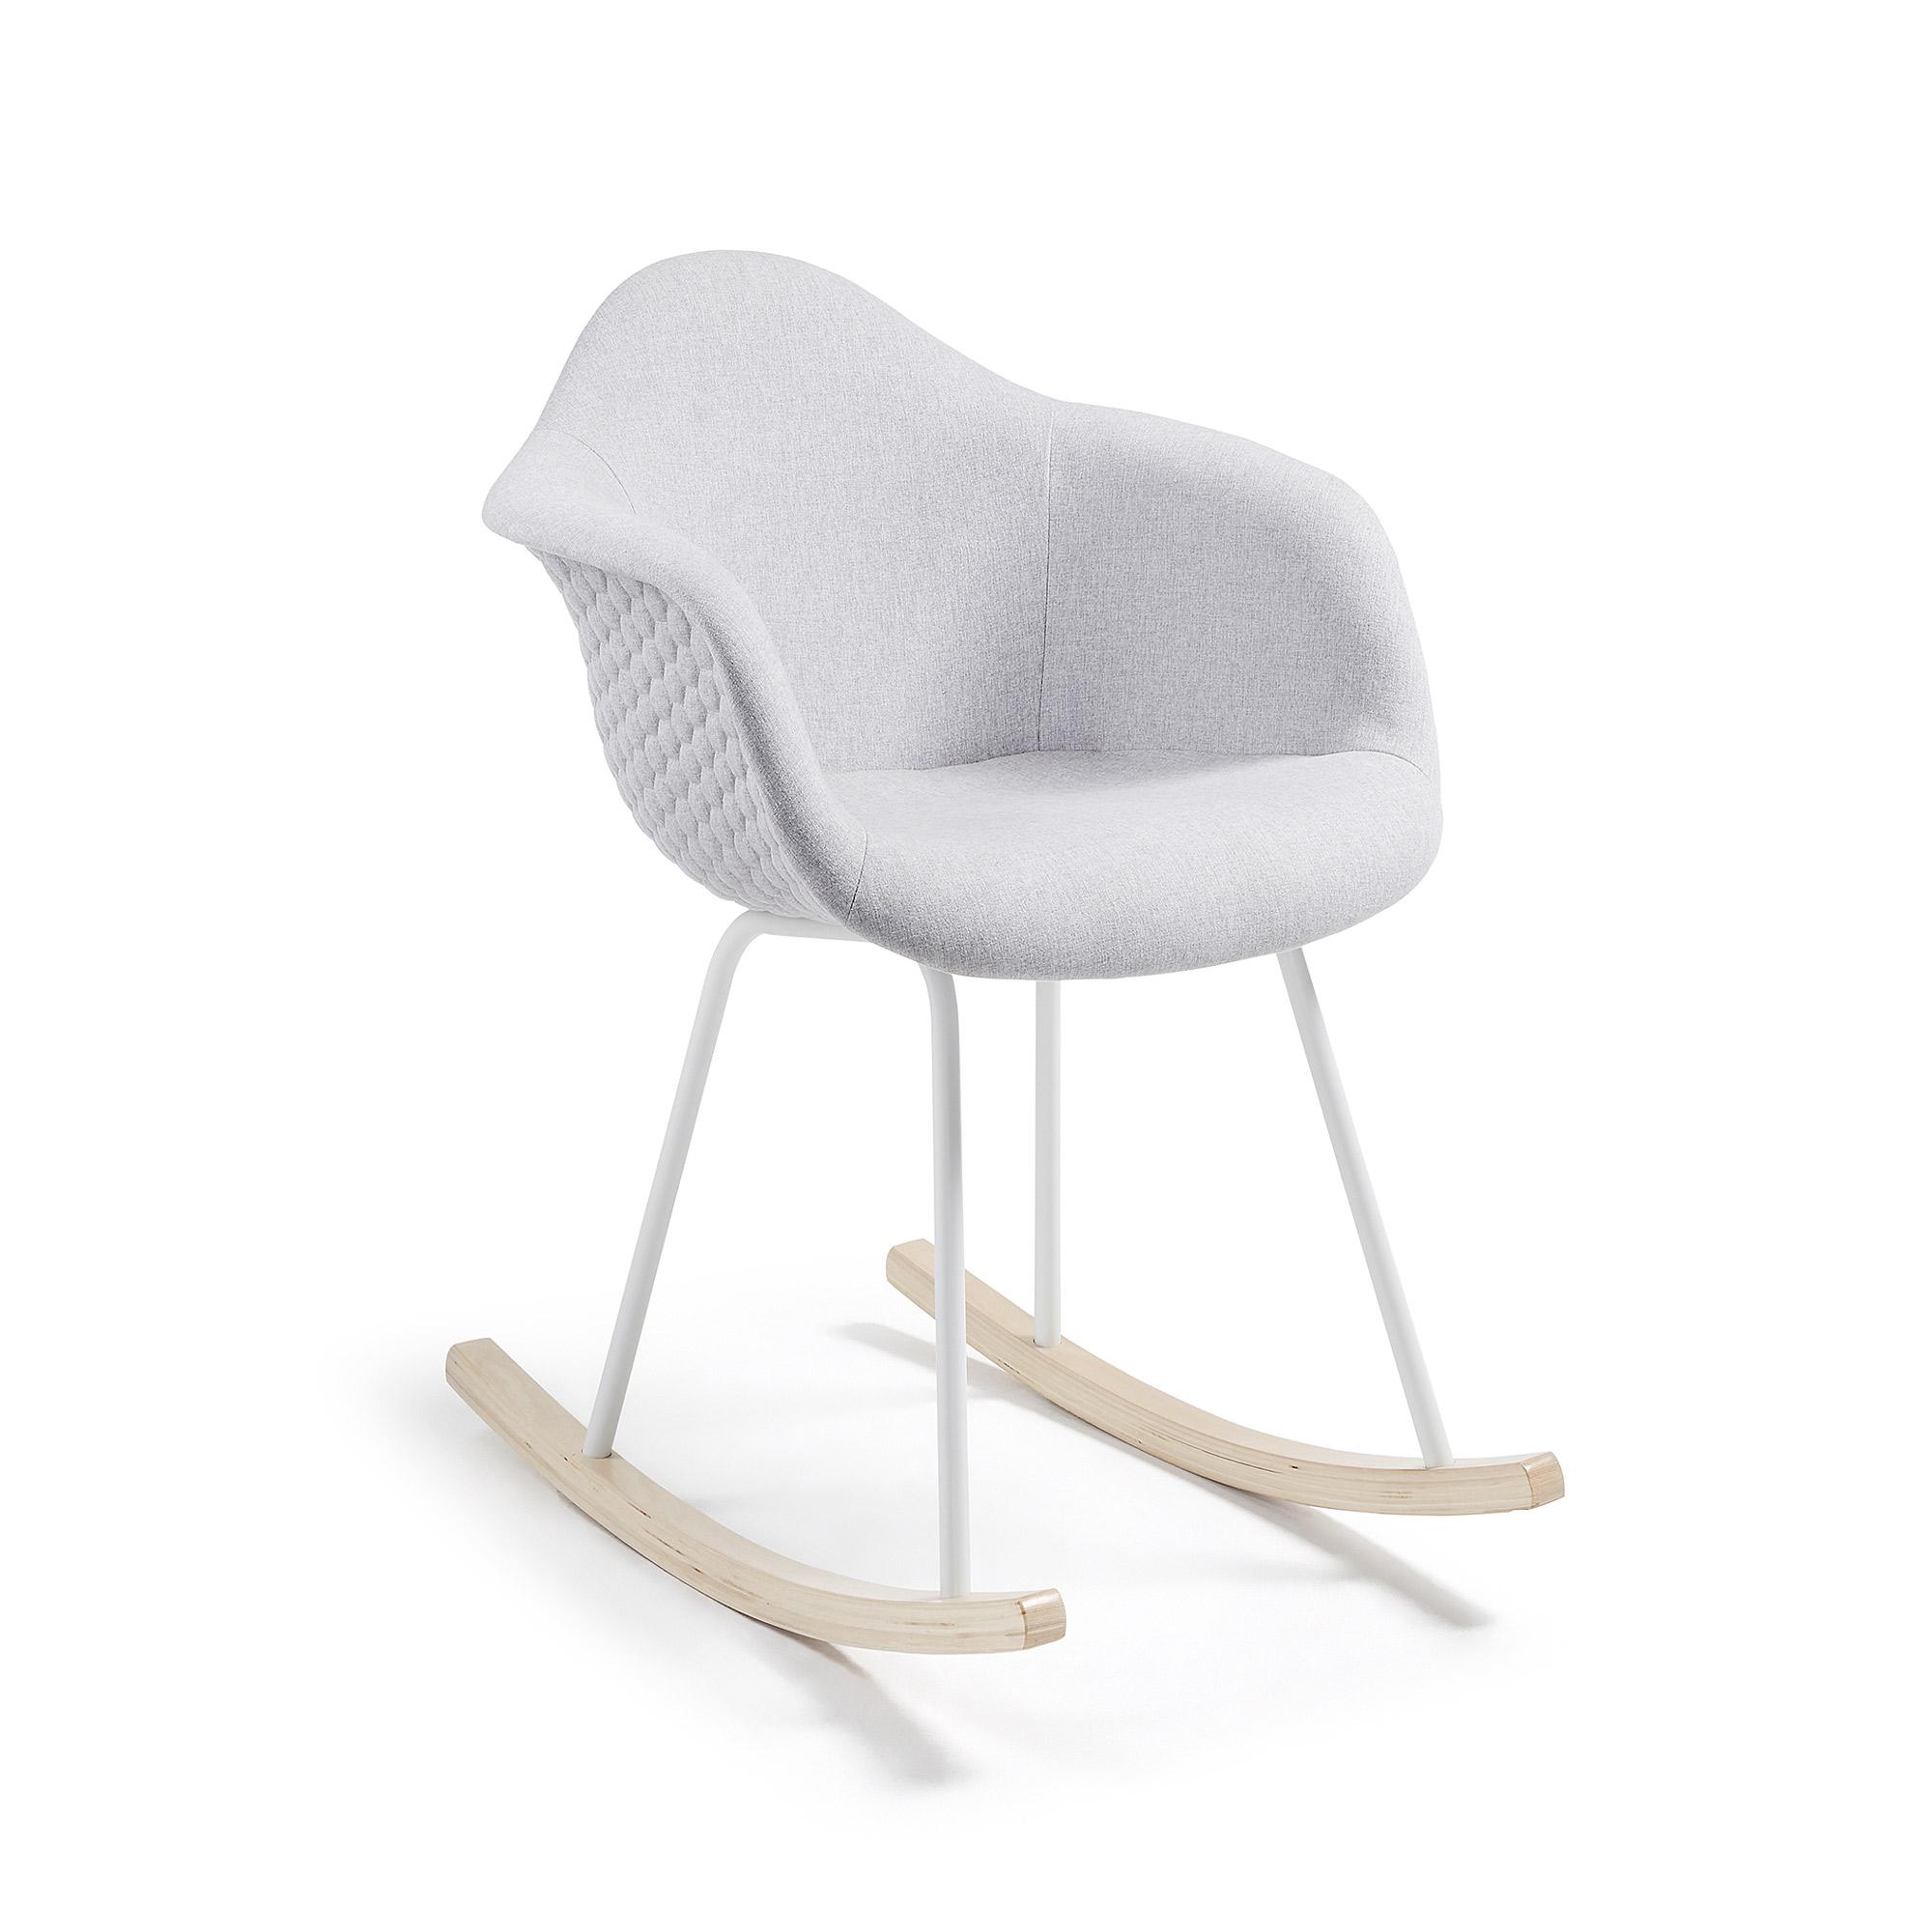 Kave home - fauteuil à bascule kevya,gris clair